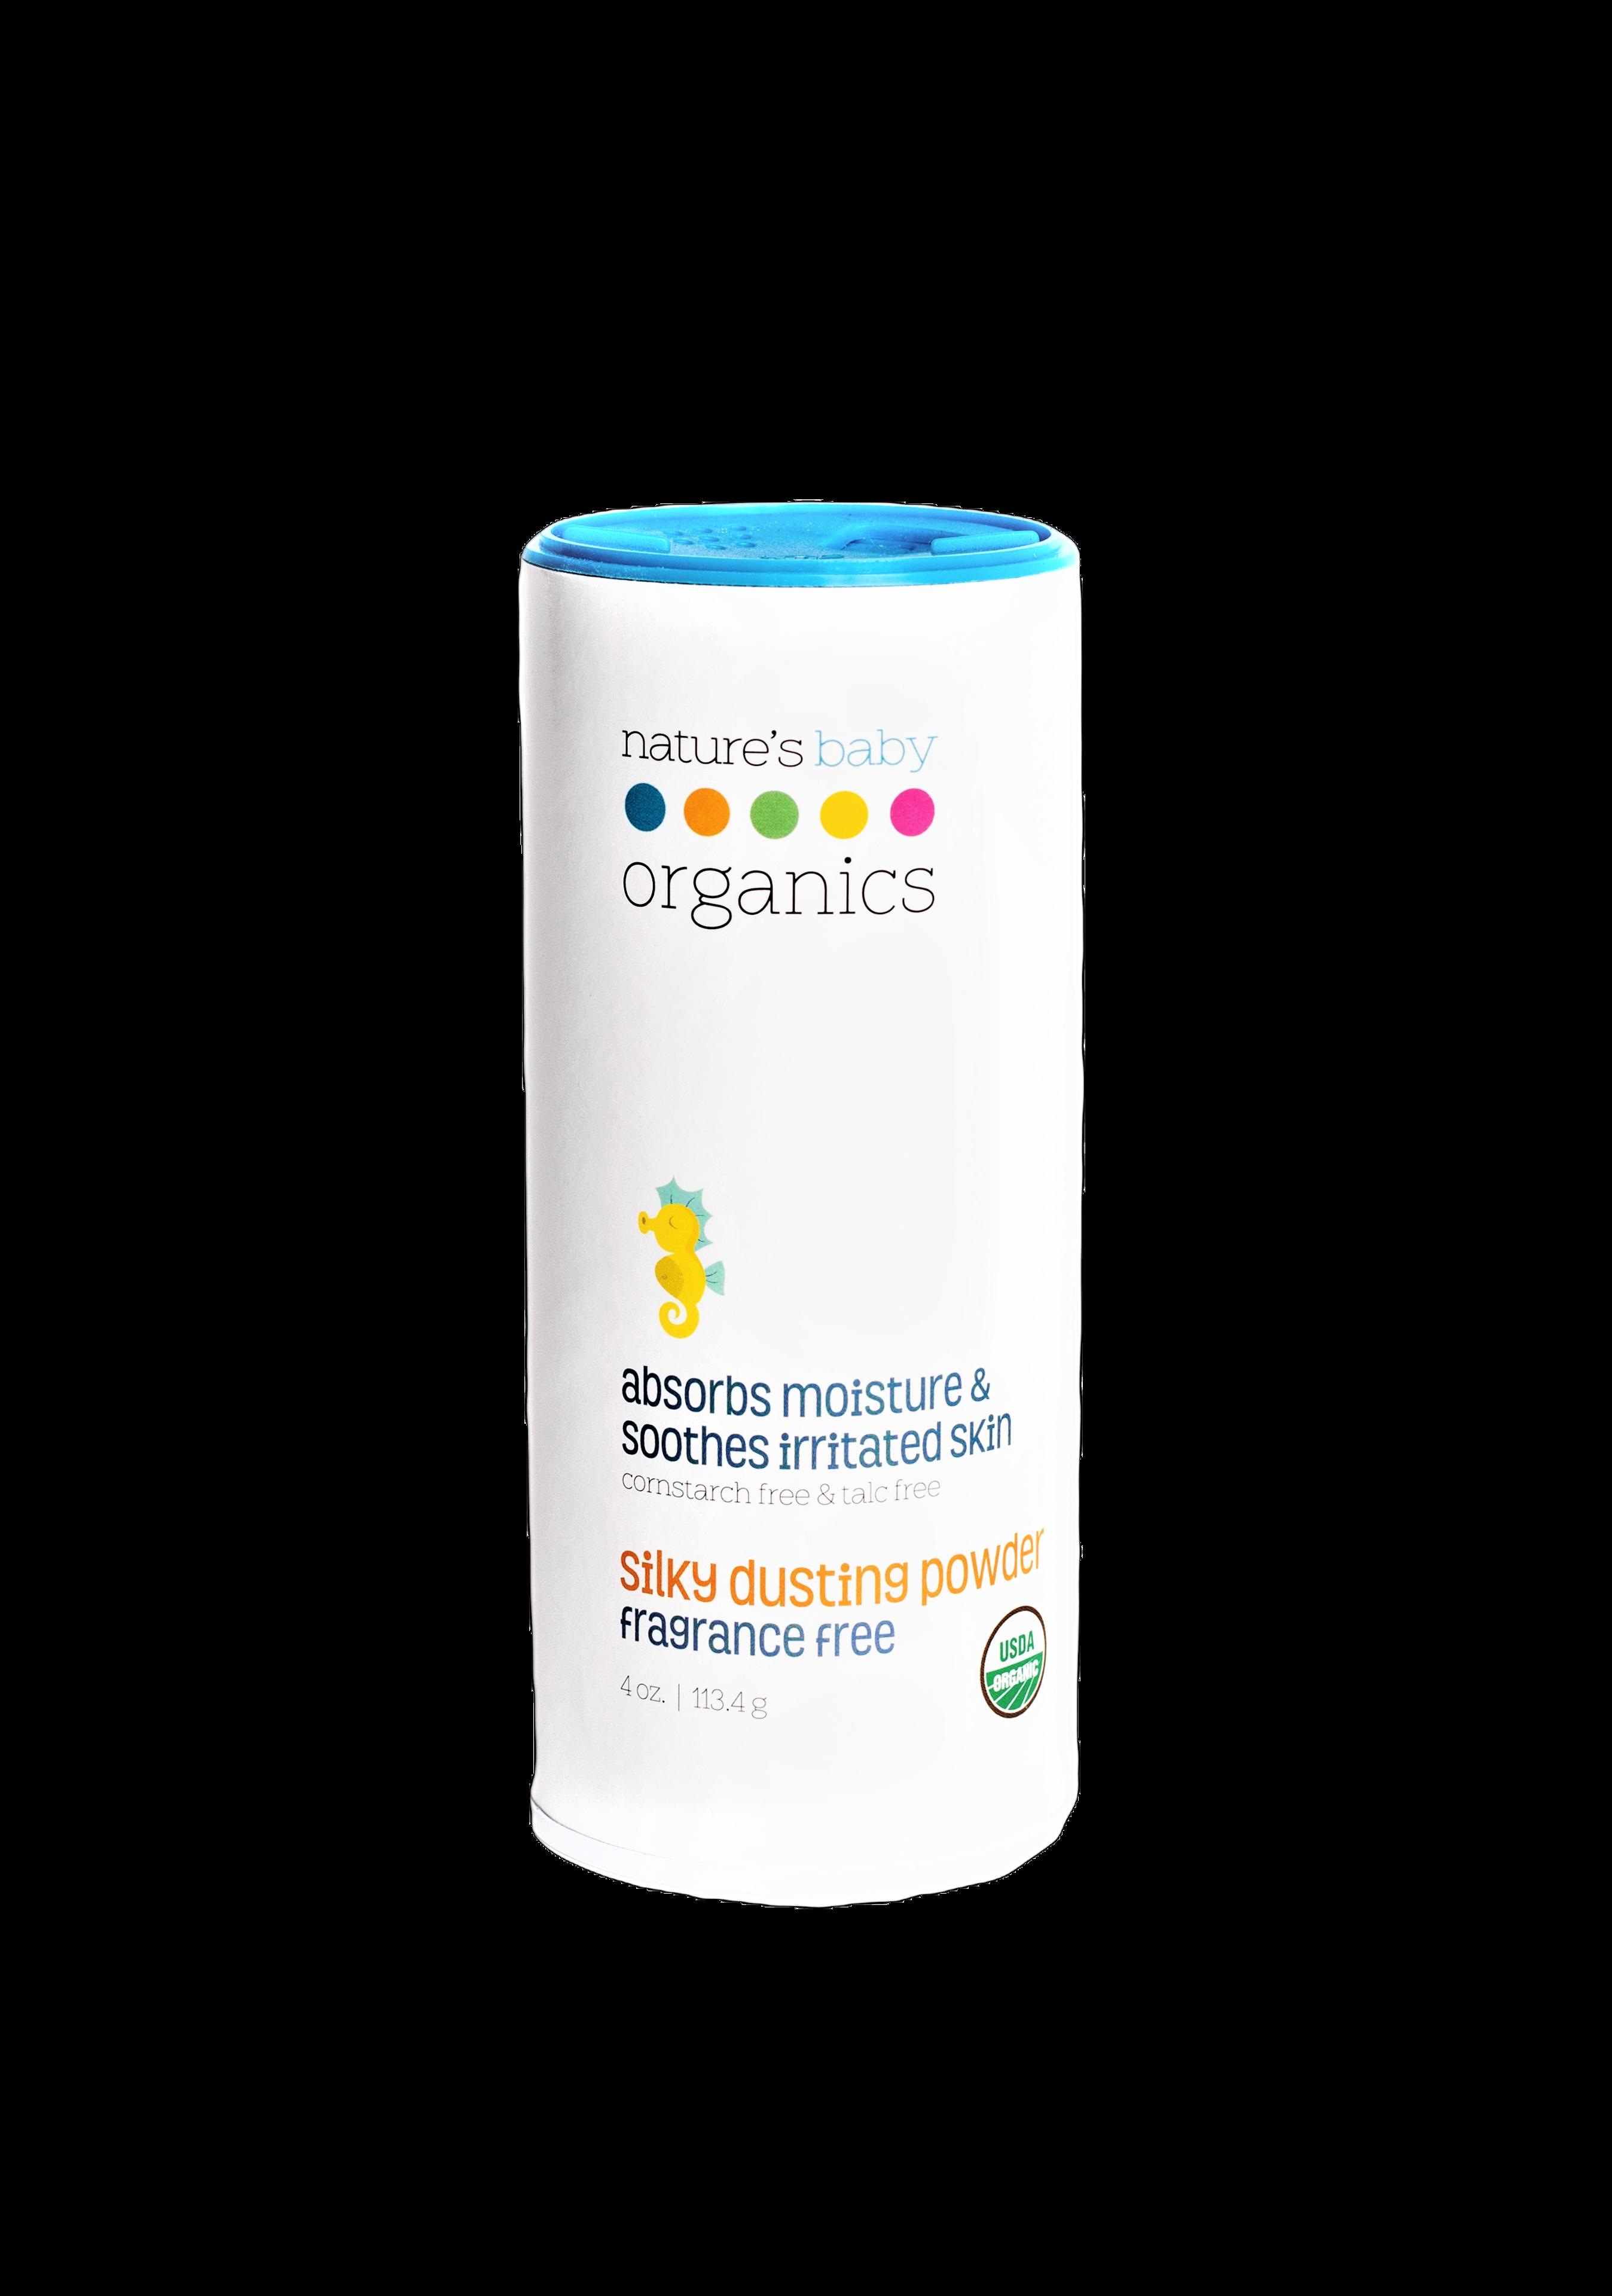 Organic Silky Dusting Powder Fragrance Free 4 oz | Trada Marketplace